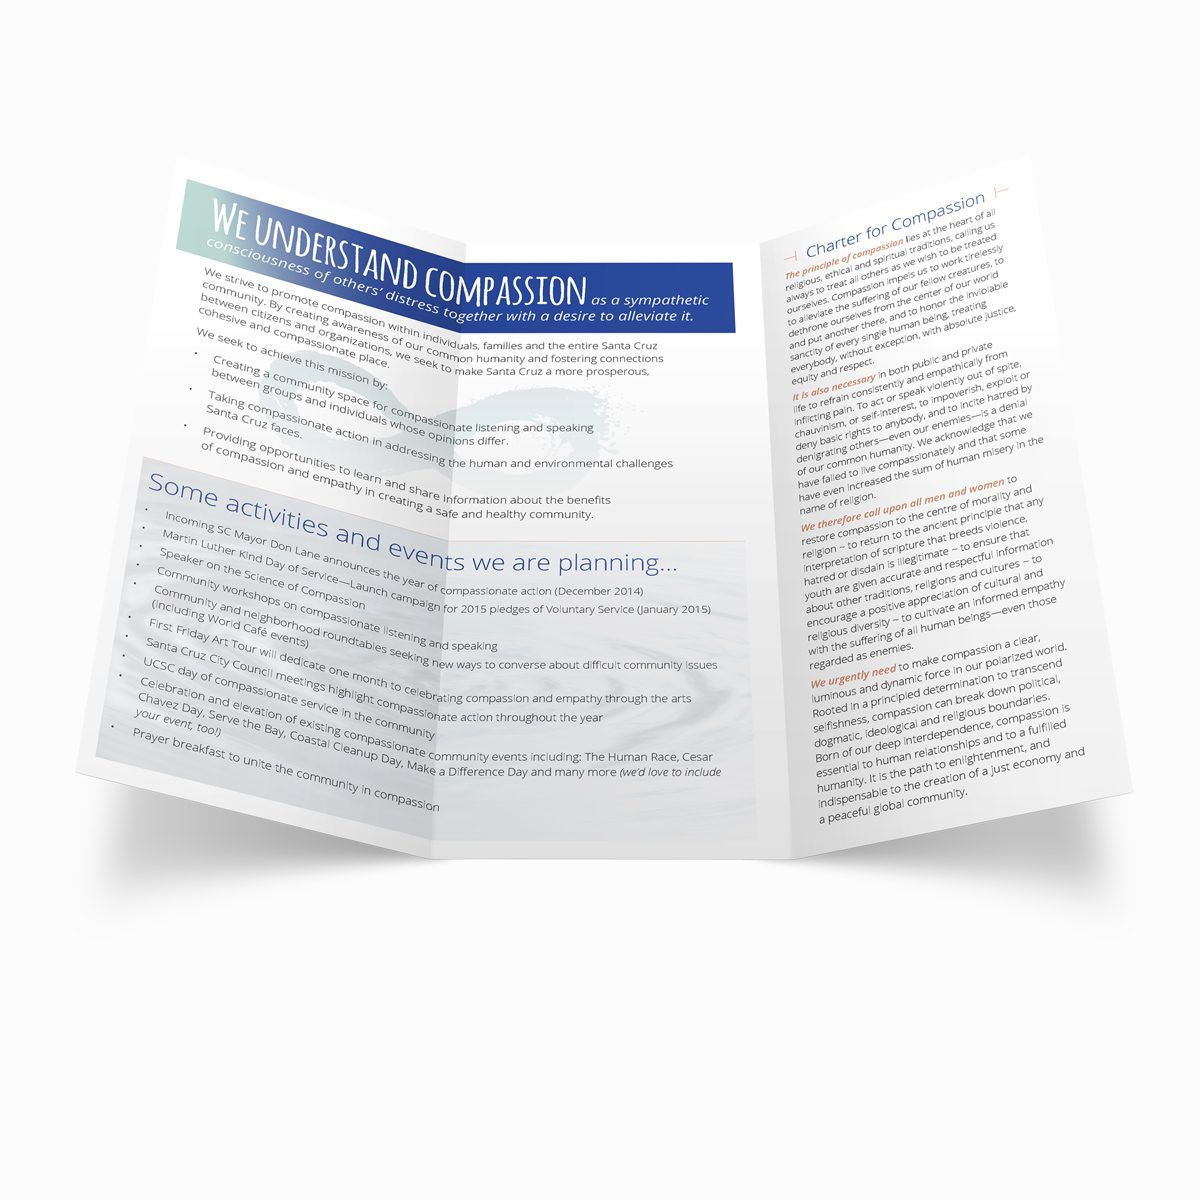 Charter for Compassion tri-fold, interior